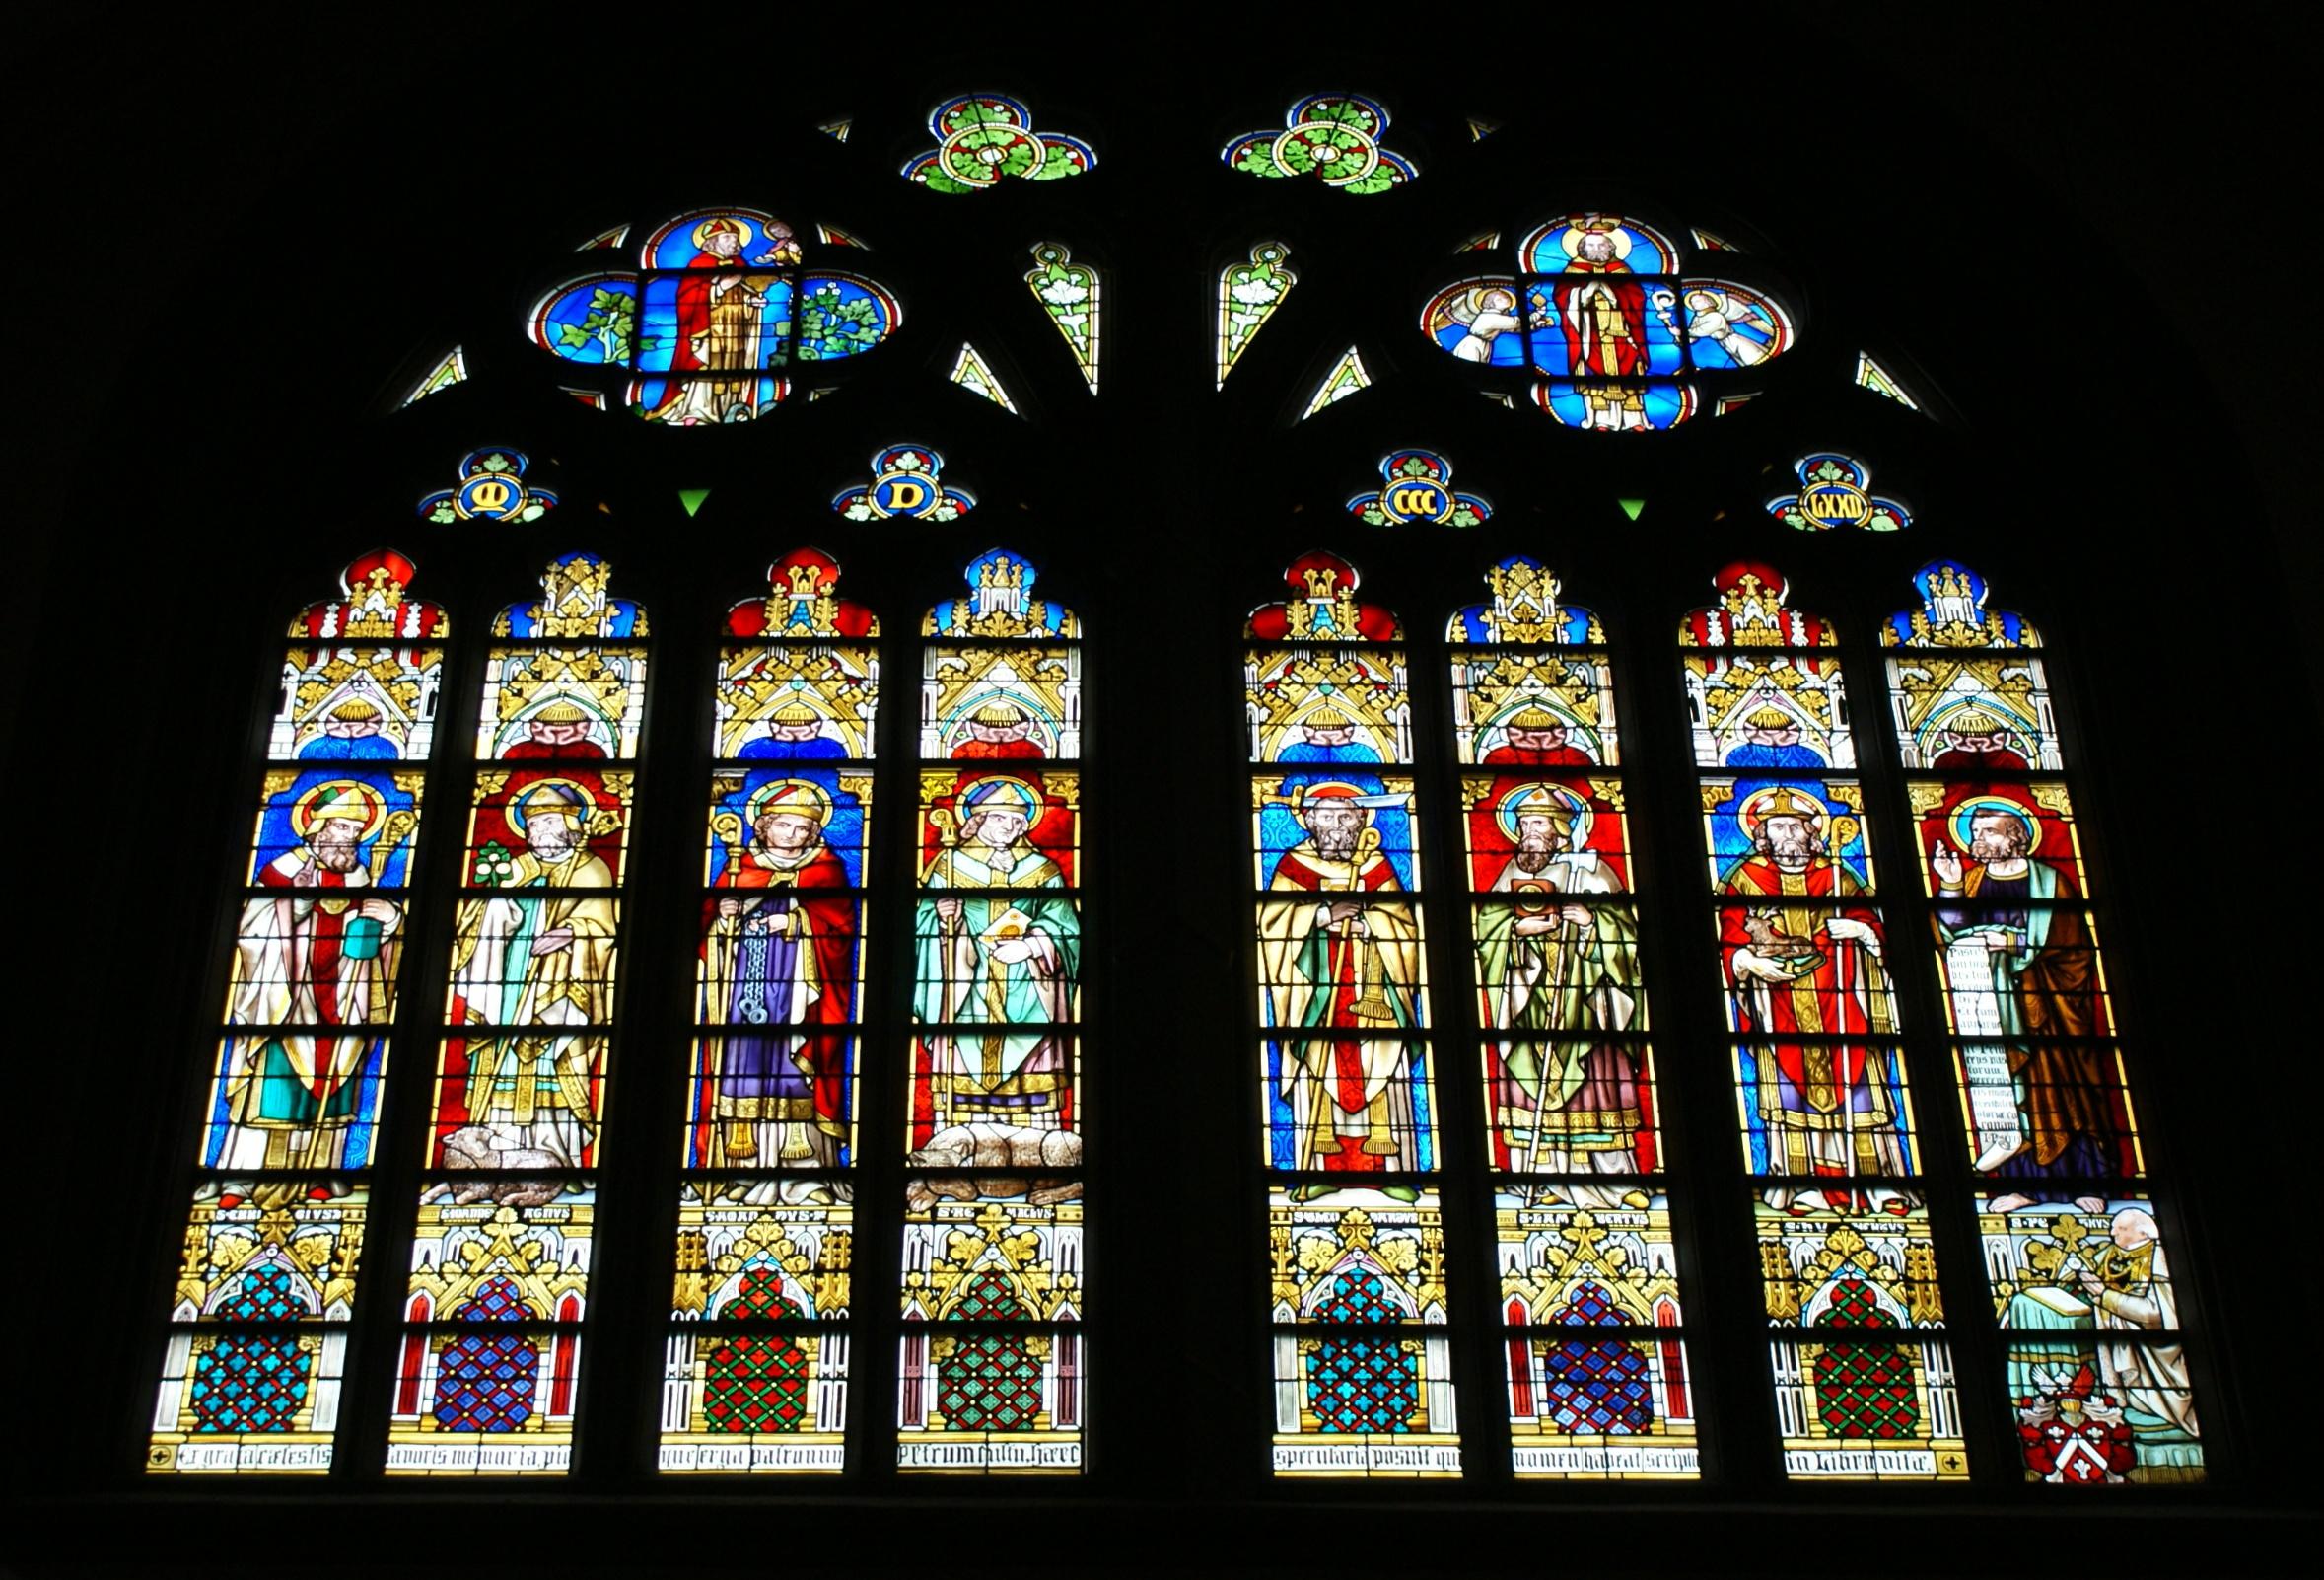 01 >> File St Servaasbasiliek 01 Glas In Lood 01 Linker Transept